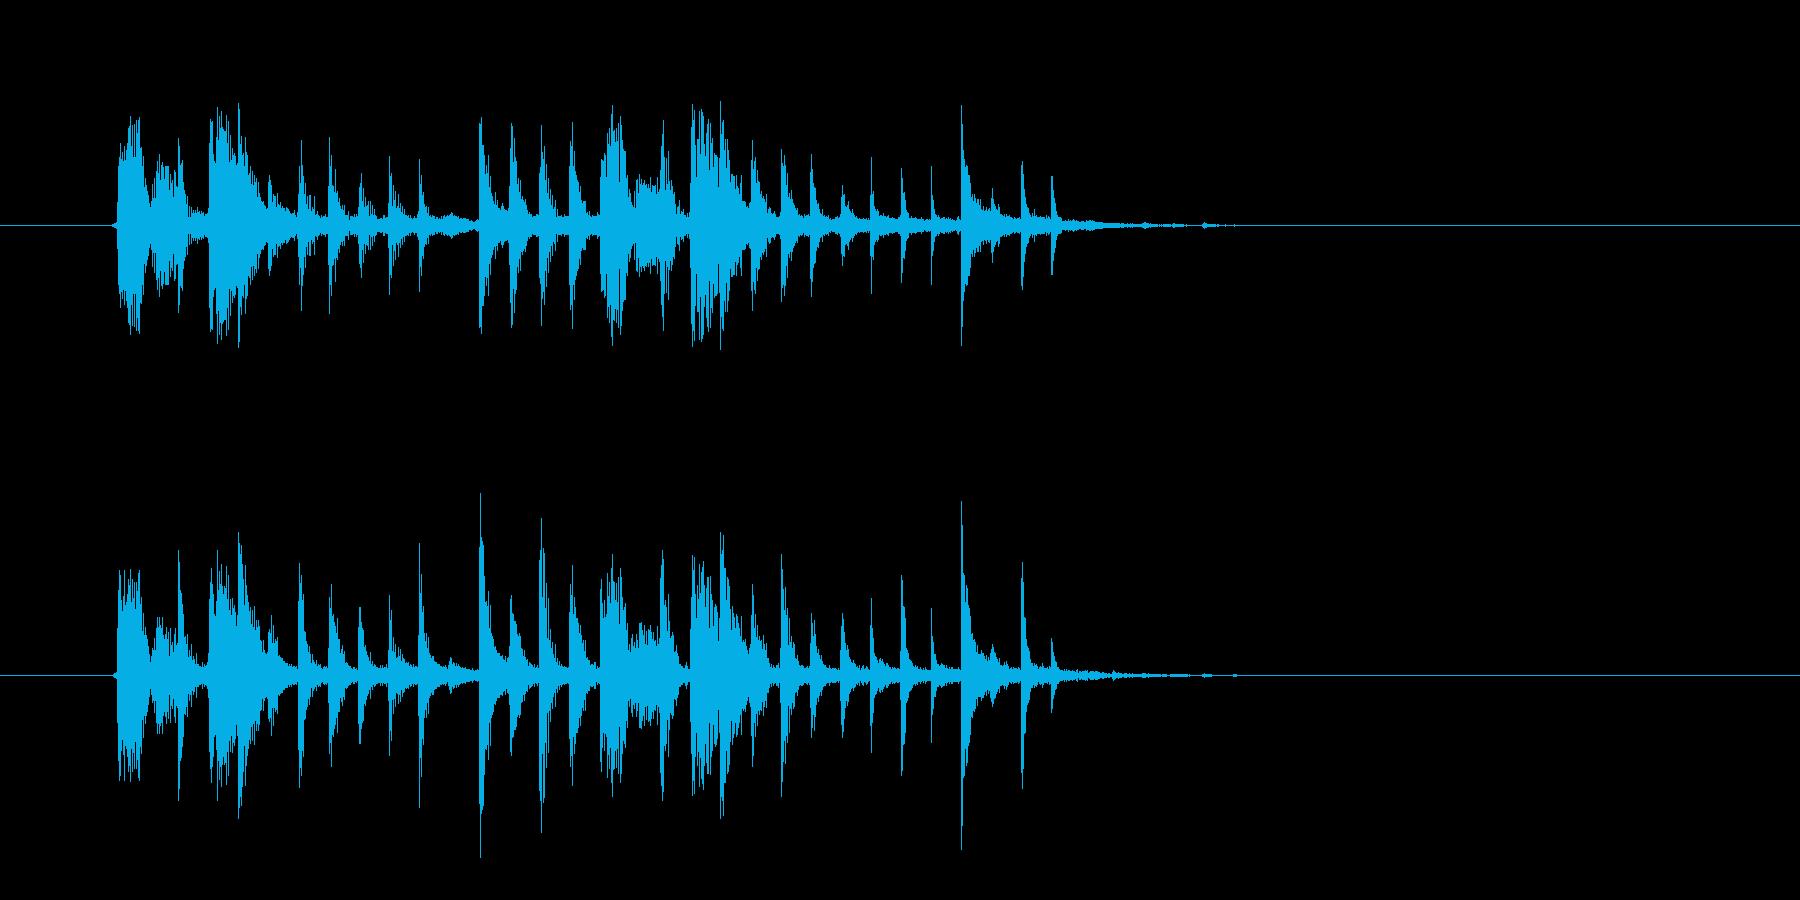 クールでスタイリッシュなテクノの再生済みの波形